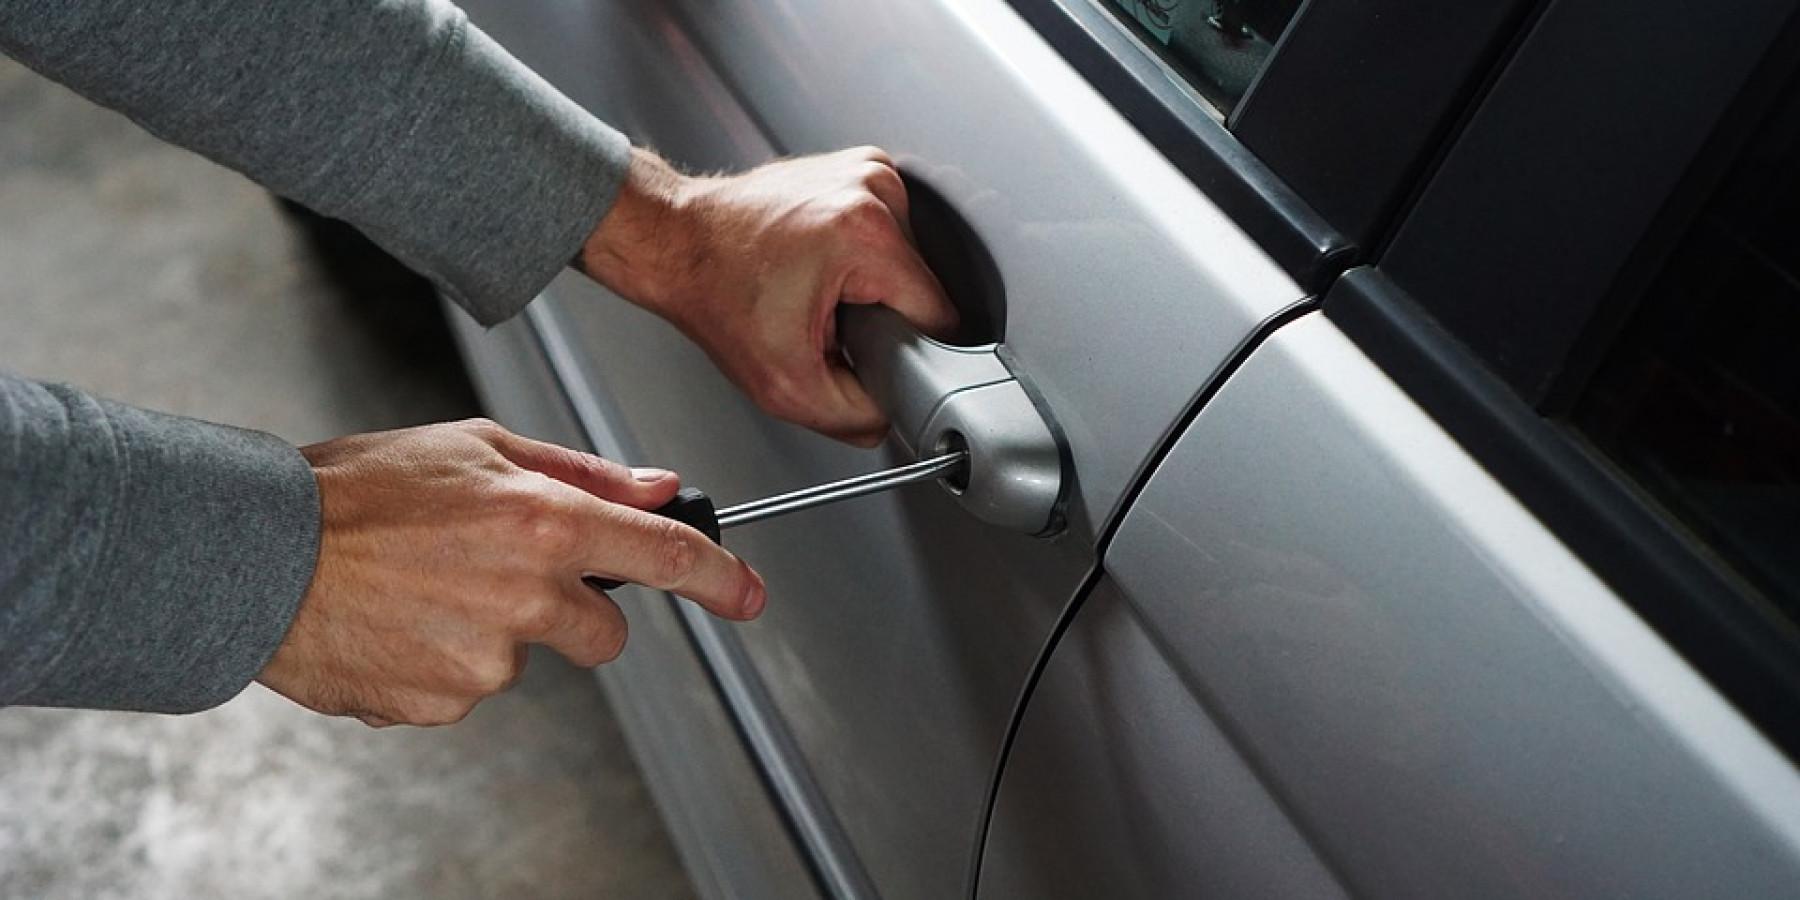 Täter öffnen sechs Fahrzeuge in Gremmendorf